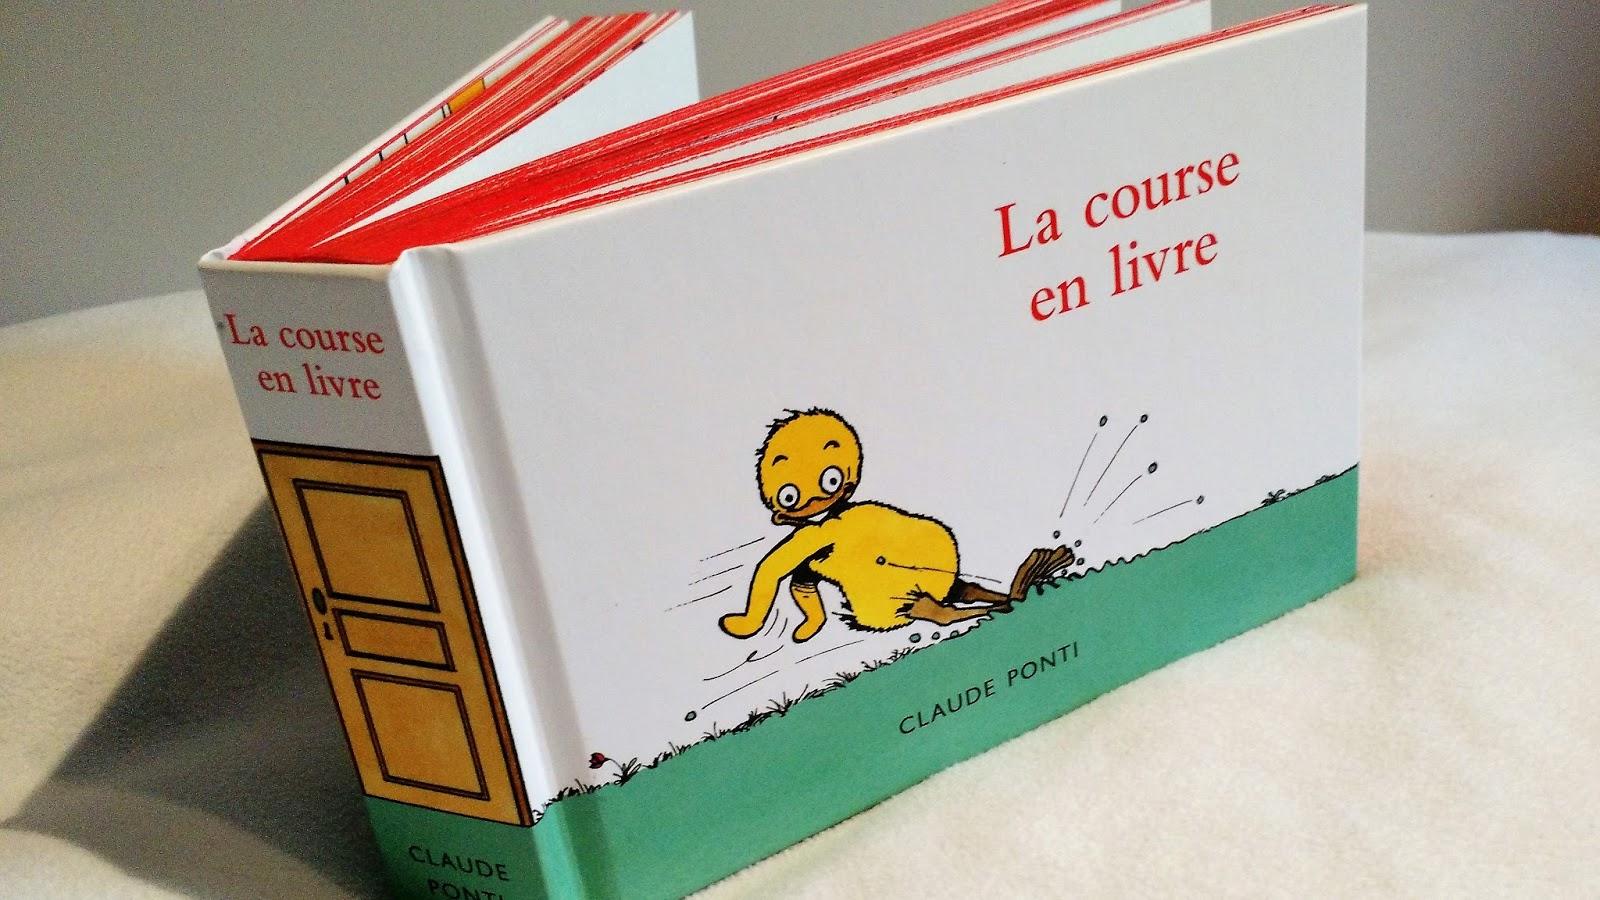 La Course En Livre, De Claude Ponti dedans La Tempête Claude Ponti